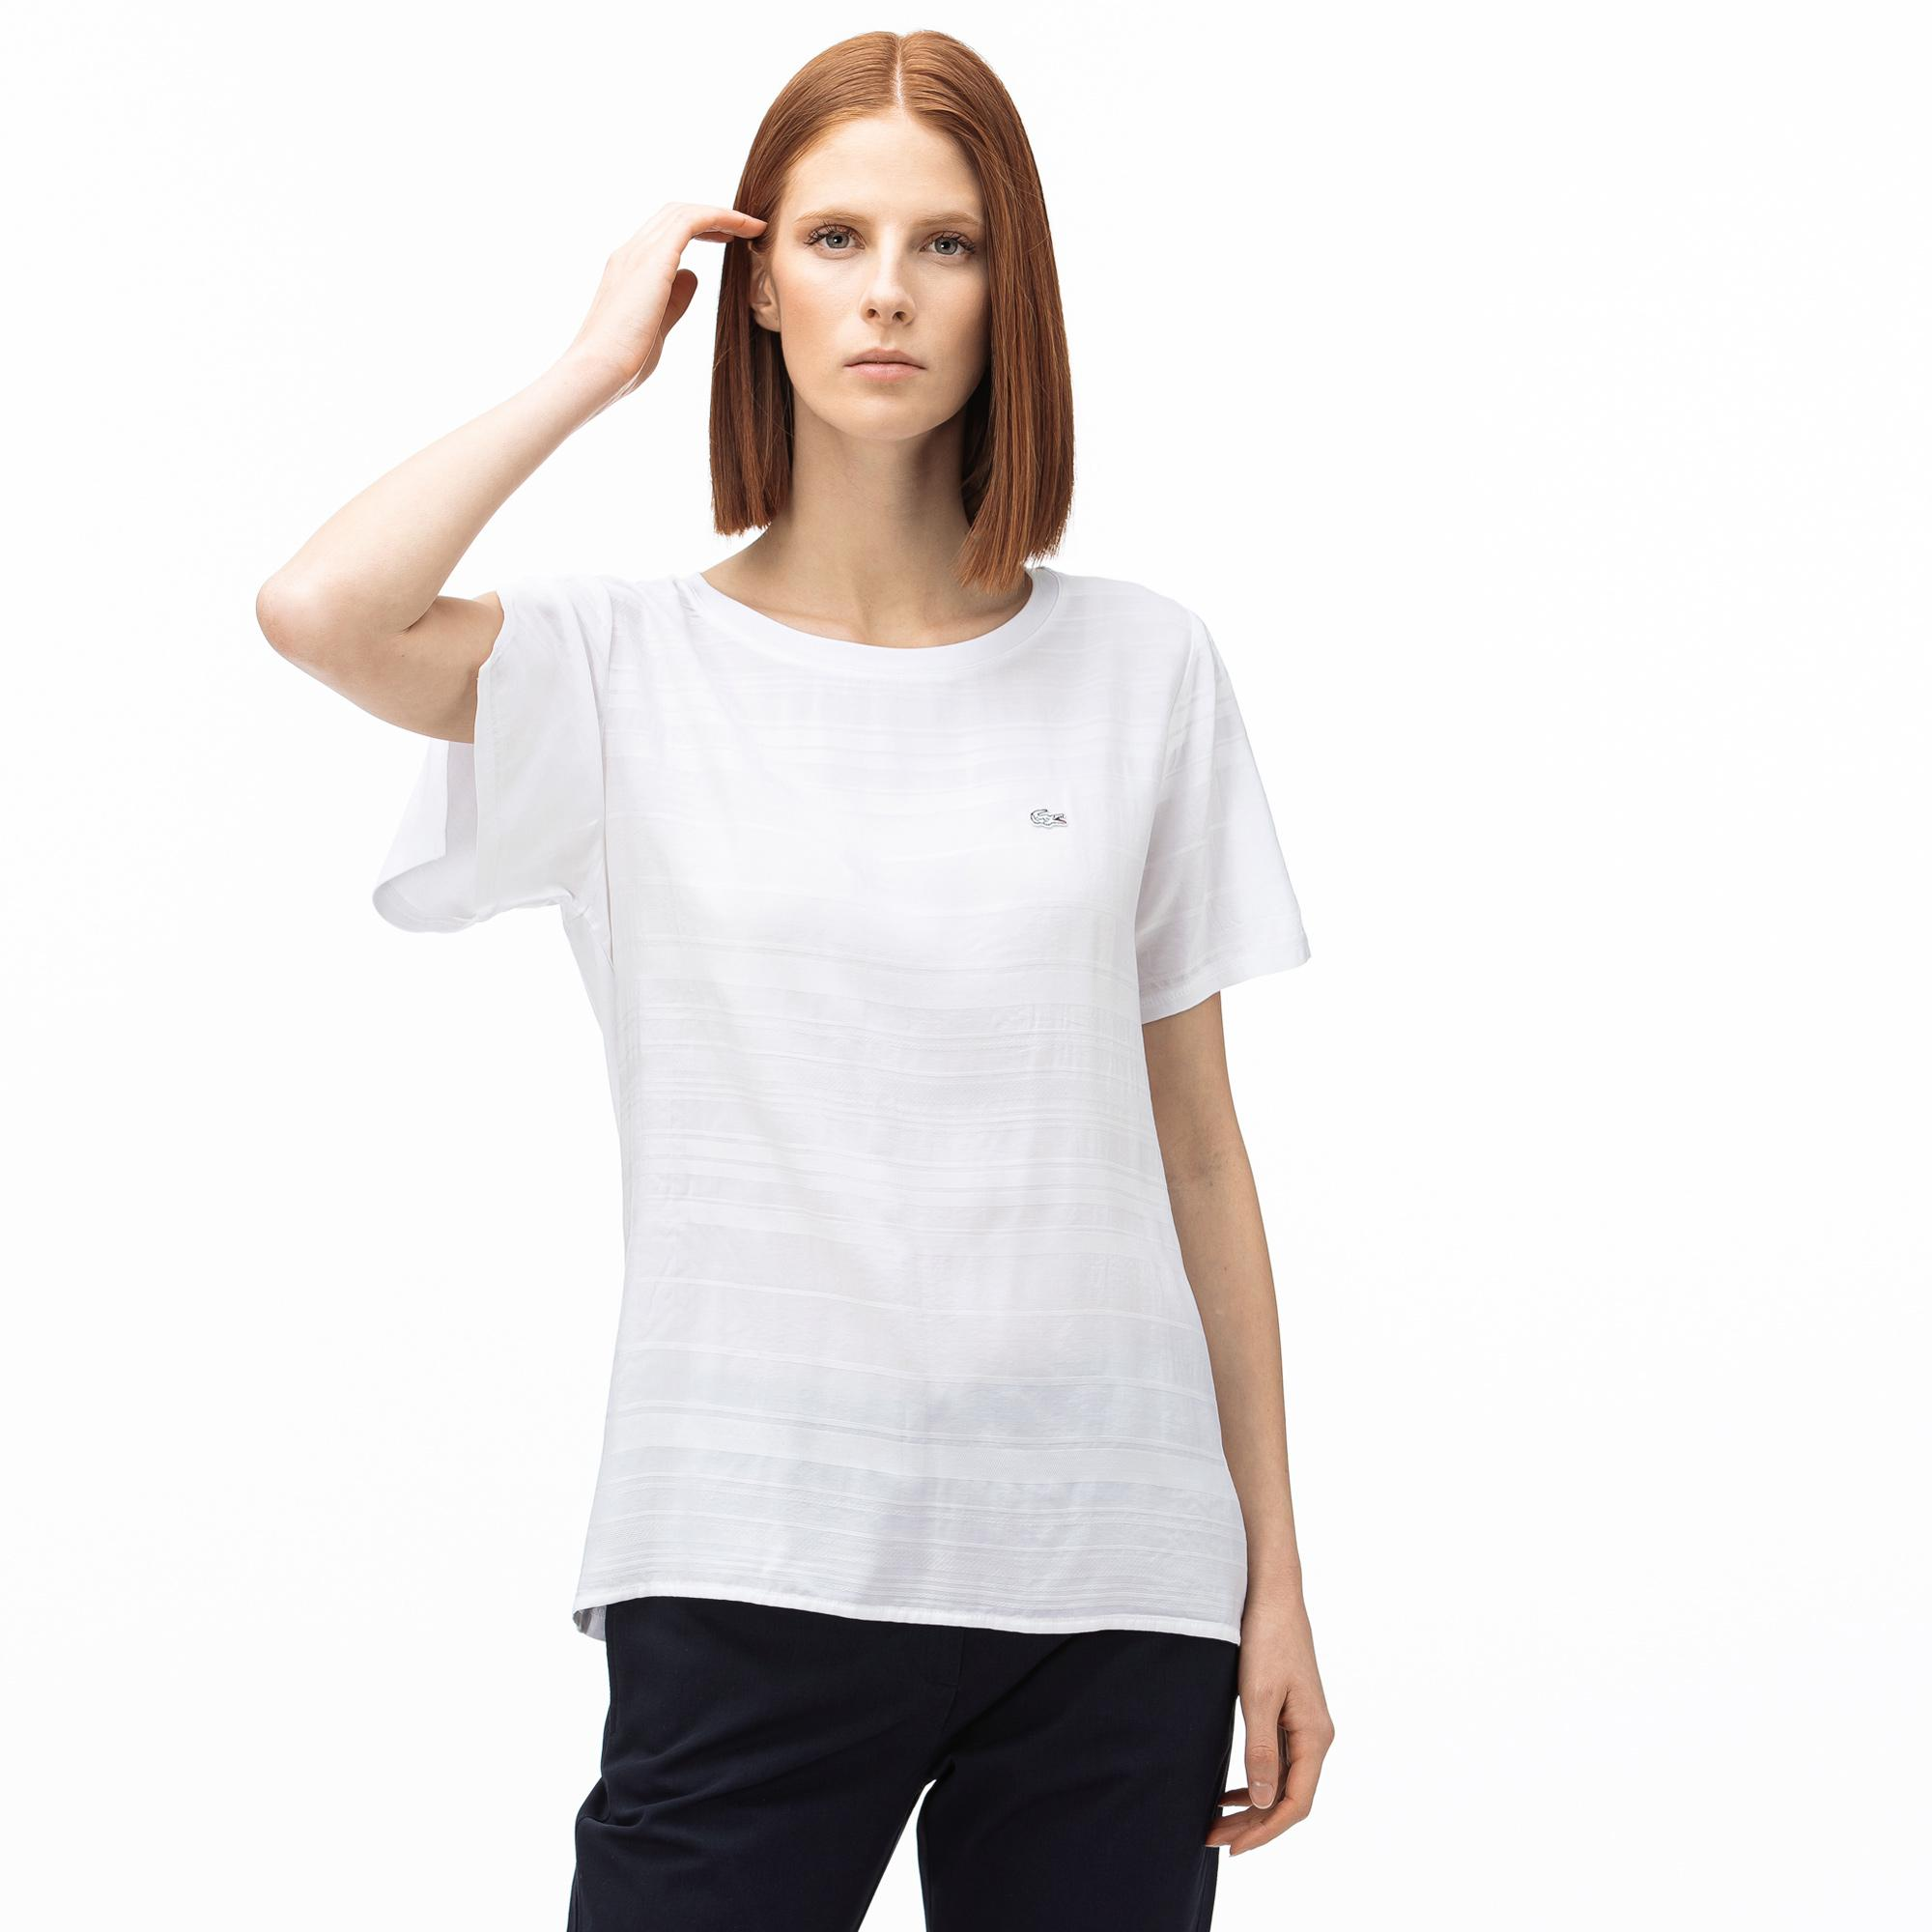 Lacoste Kadın Kayık Yaka Çizgili Beyaz T-Shirt